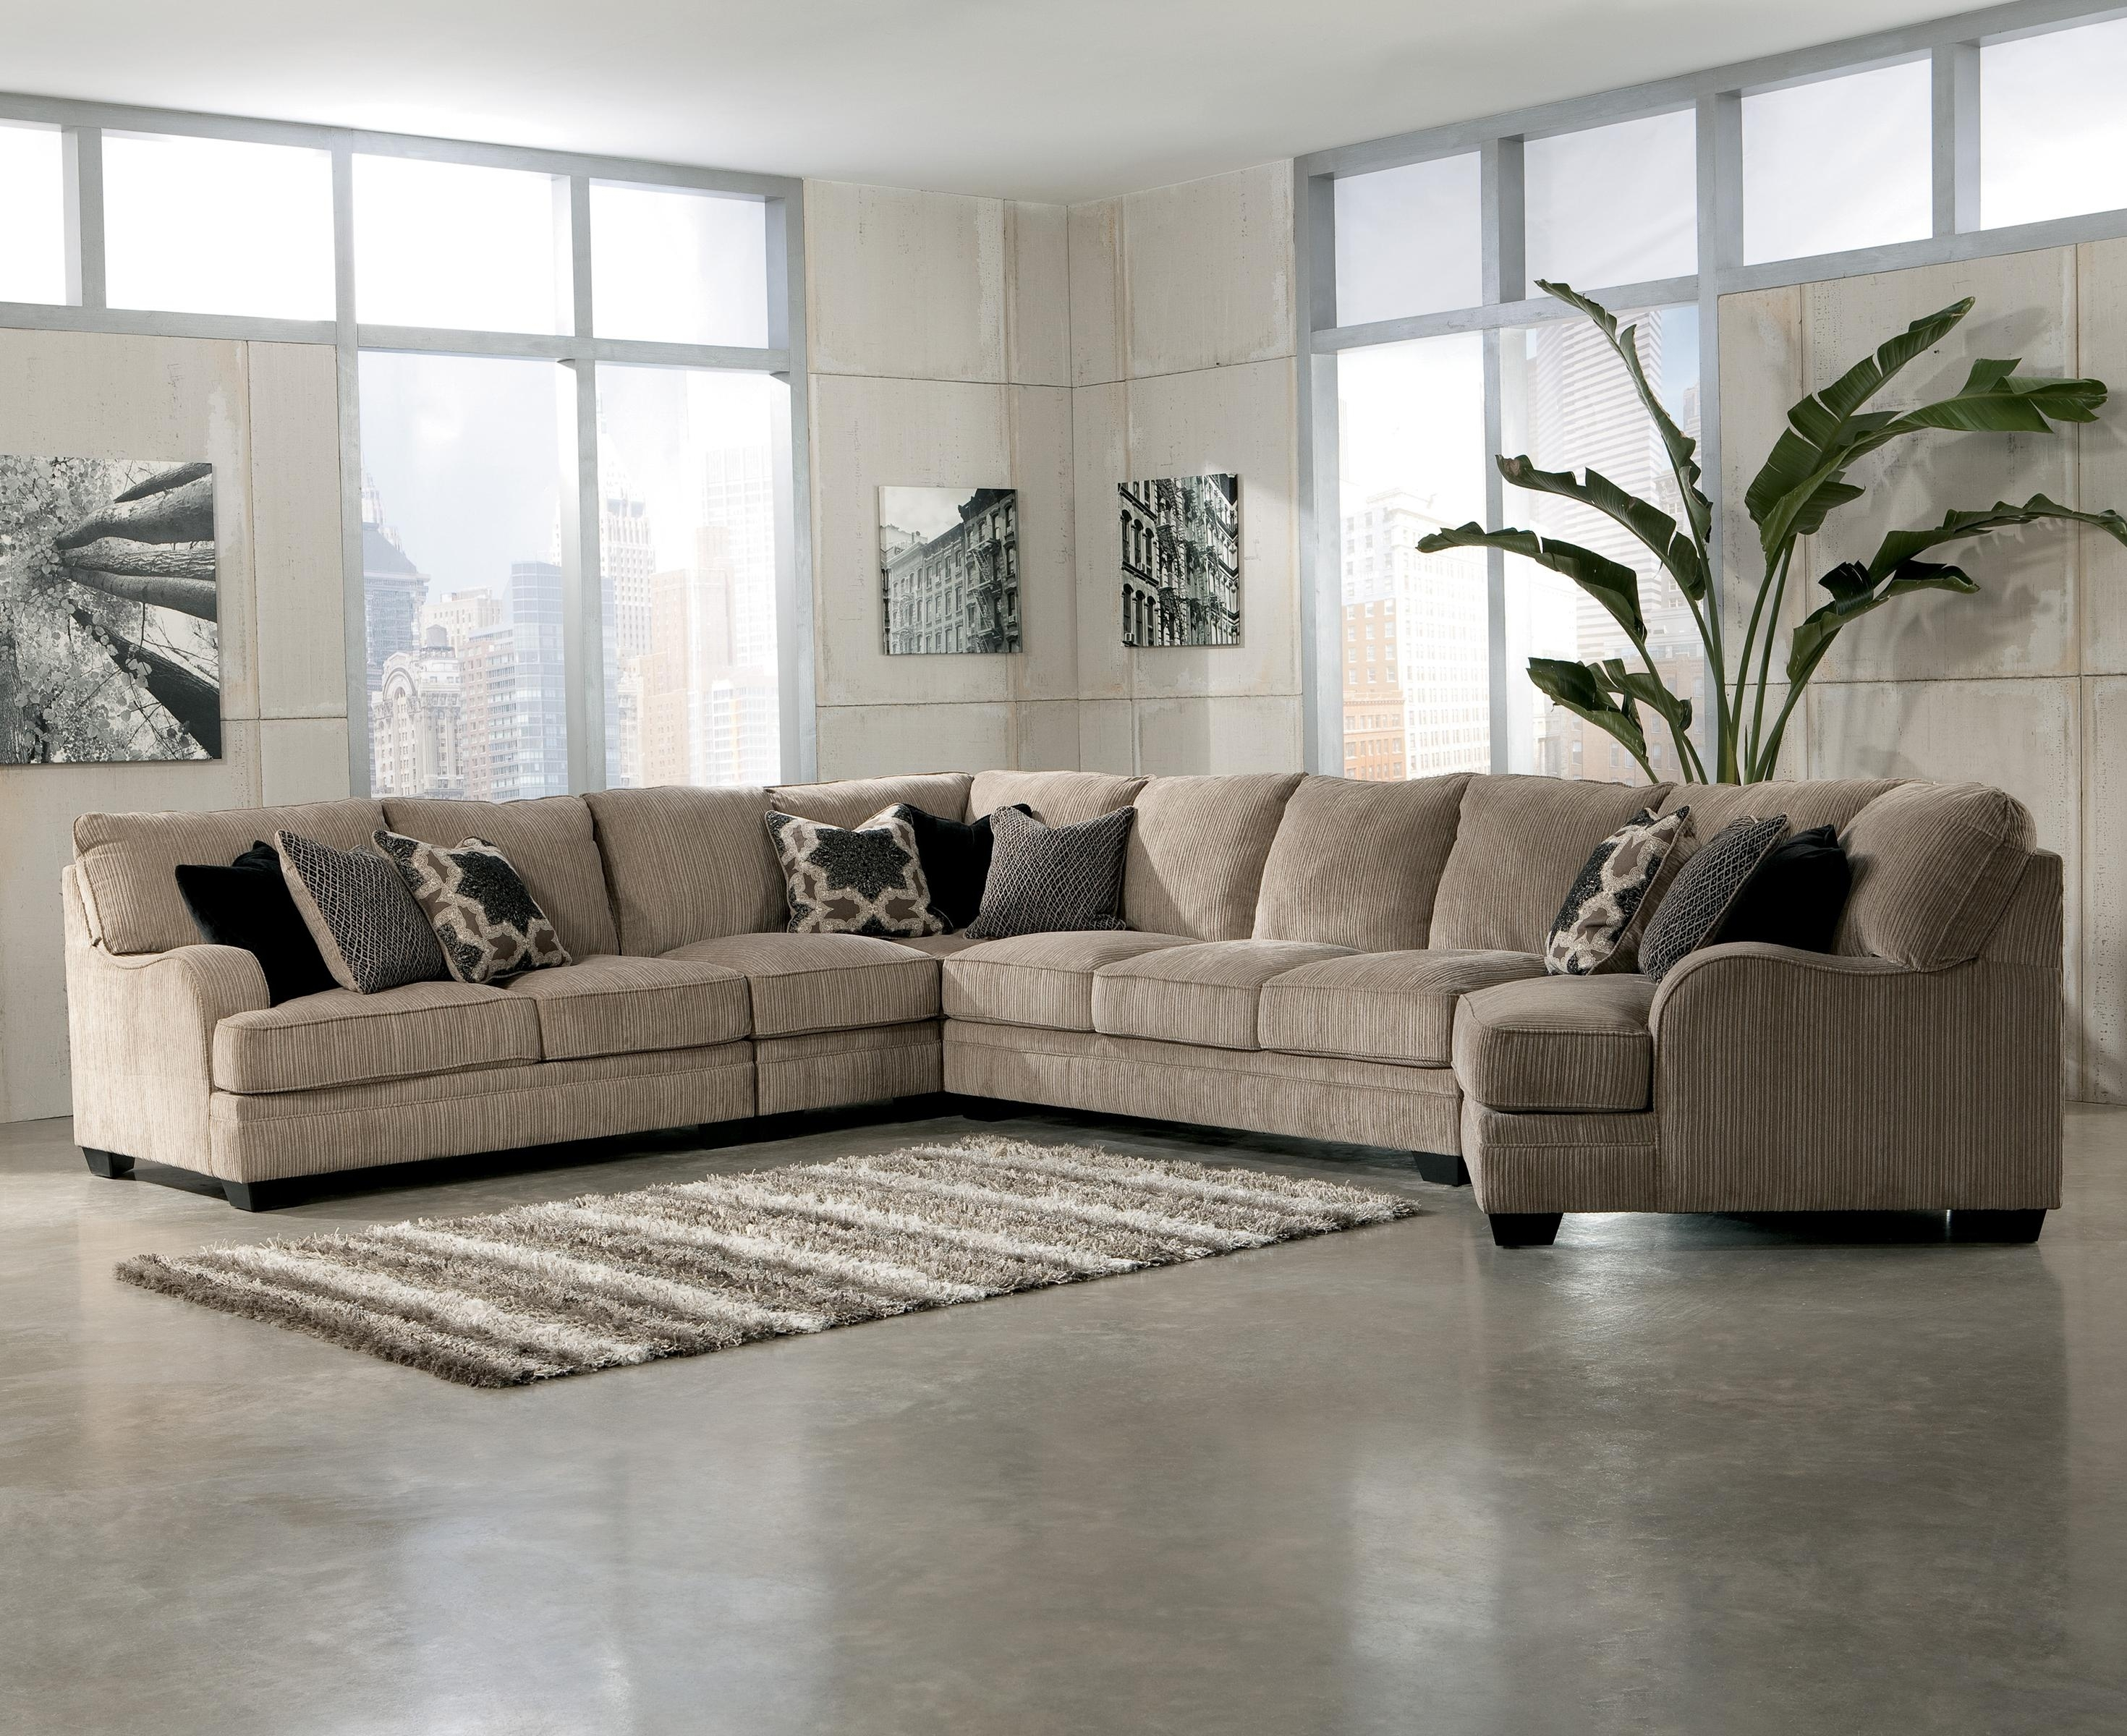 Signature Designashley Katisha – Platinum 5 Piece Sectional Sofa Inside Pittsburgh Sectional Sofas (Image 5 of 10)